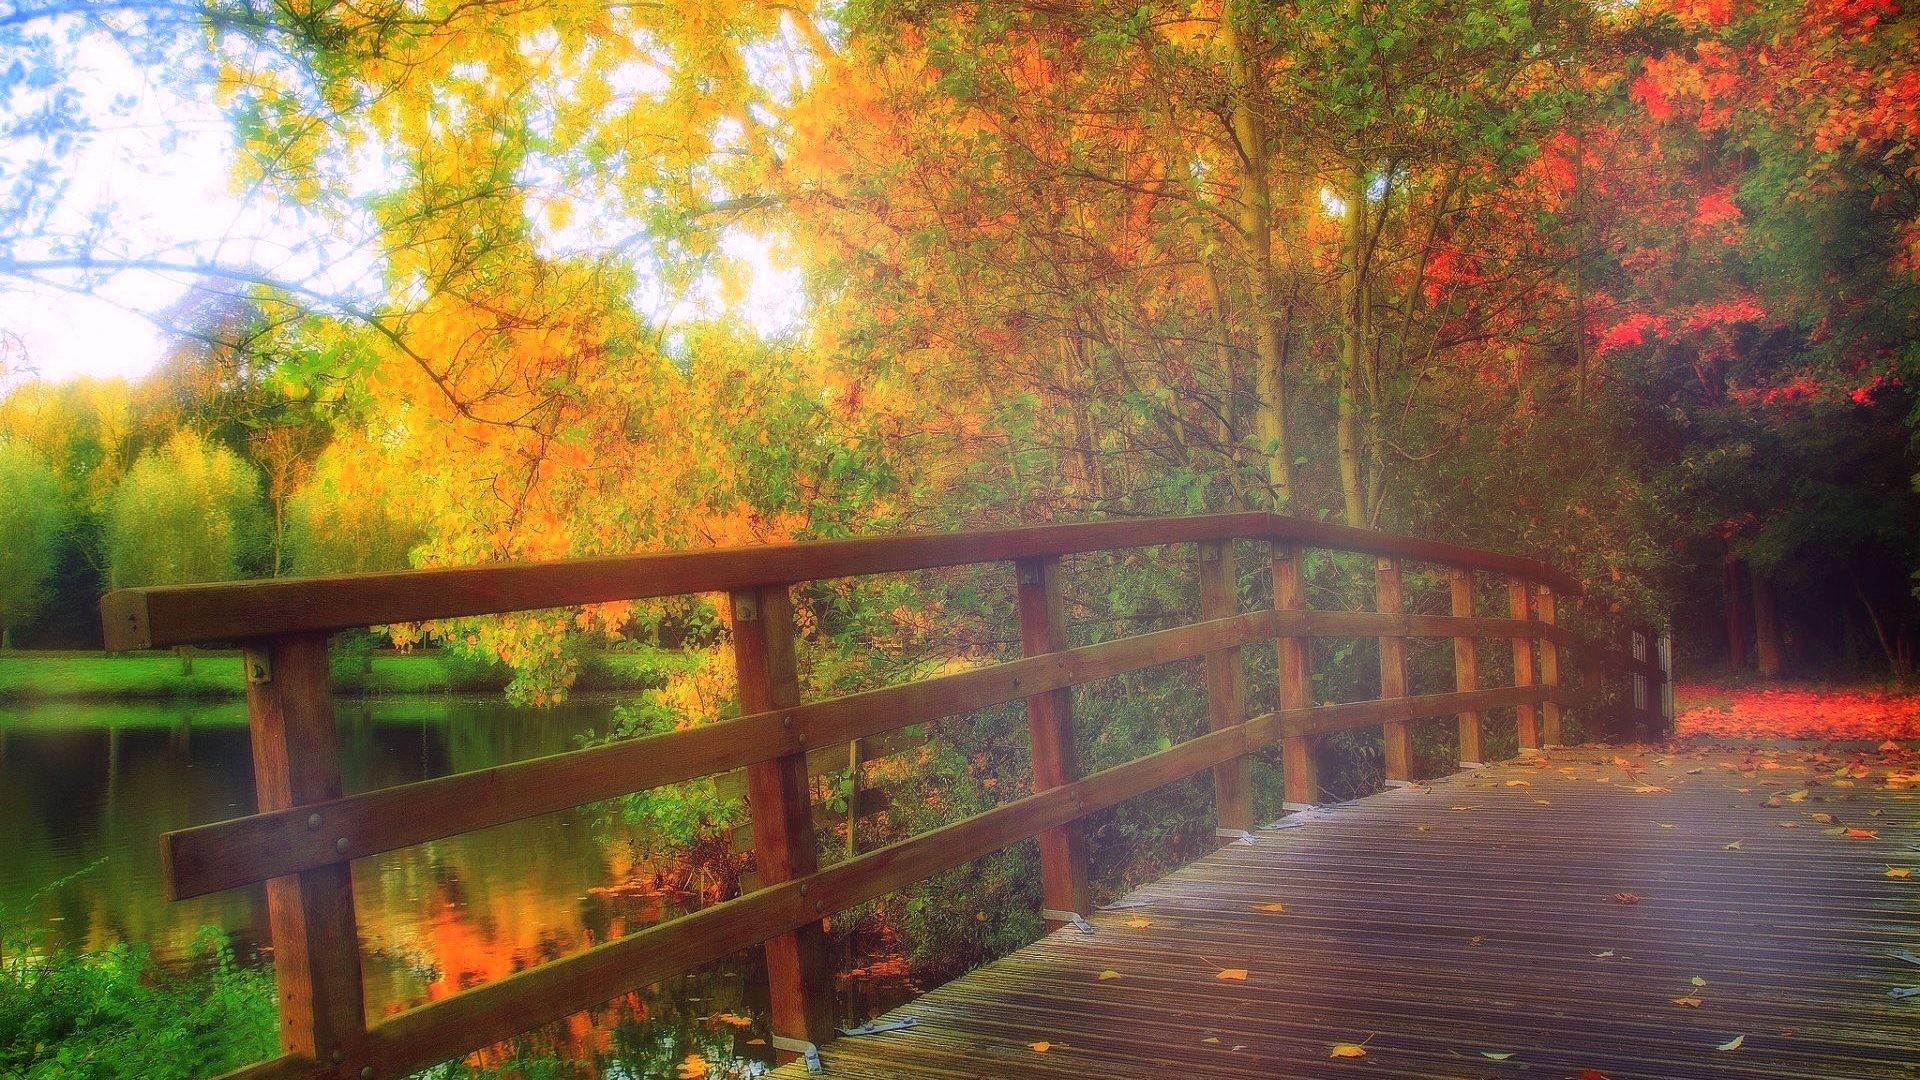 Res: 1920x1080, Bridges - PARK BRIDGE FALL Parks Bridges Rivers Love Seasons Autumn  Attractions Dreams Colors Creative Pre